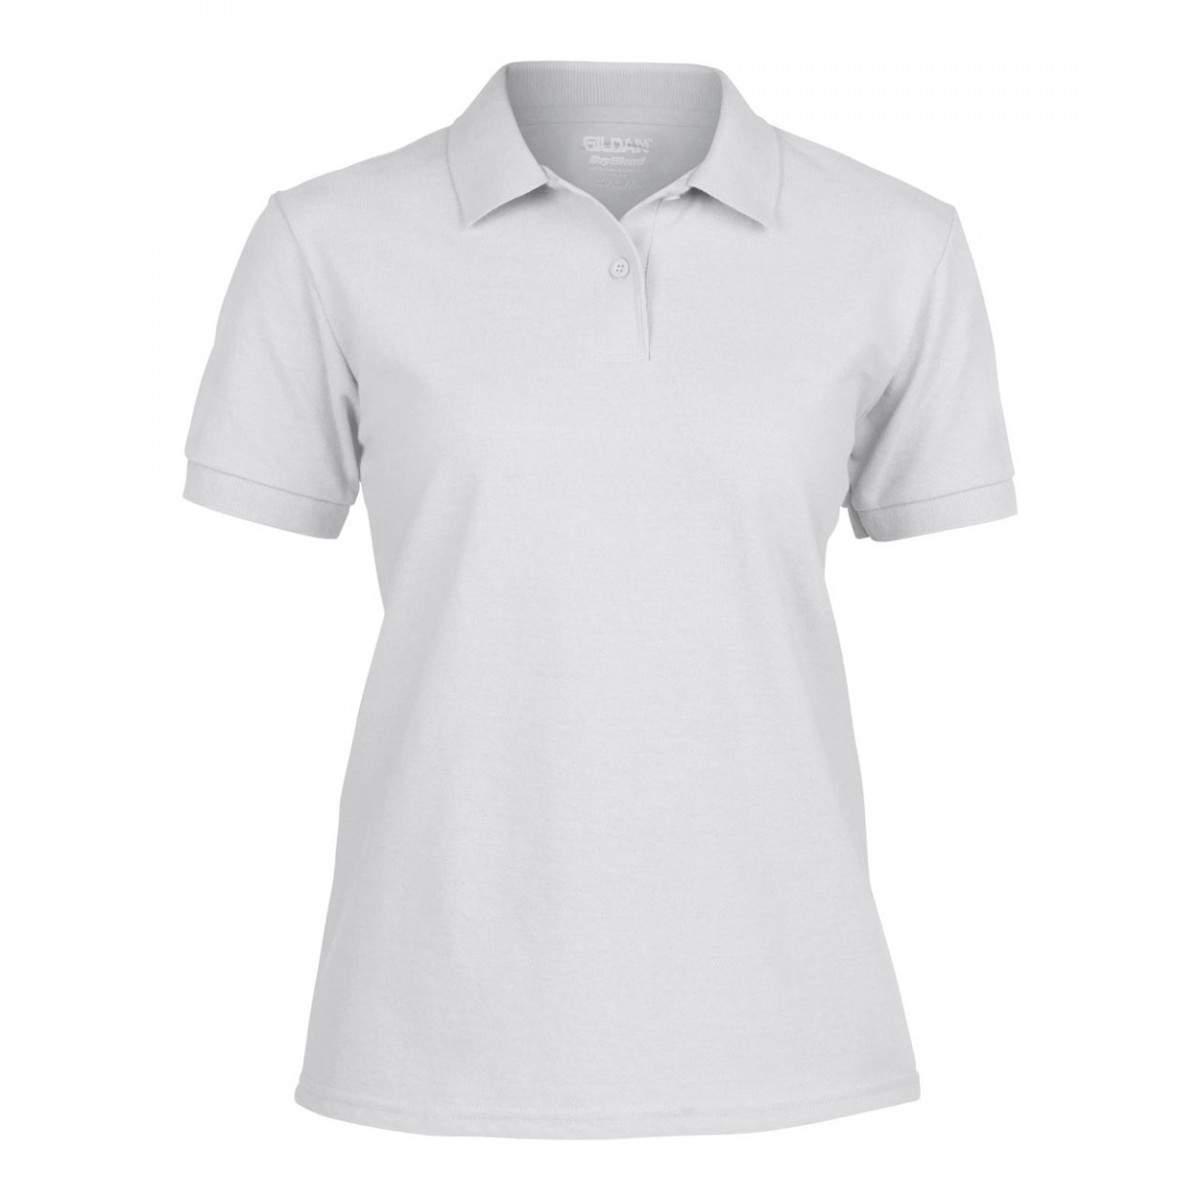 Gildan 94800L női galléros rövid ujjú póló - fehér -   hdiShop.hu   f2fa234bdf